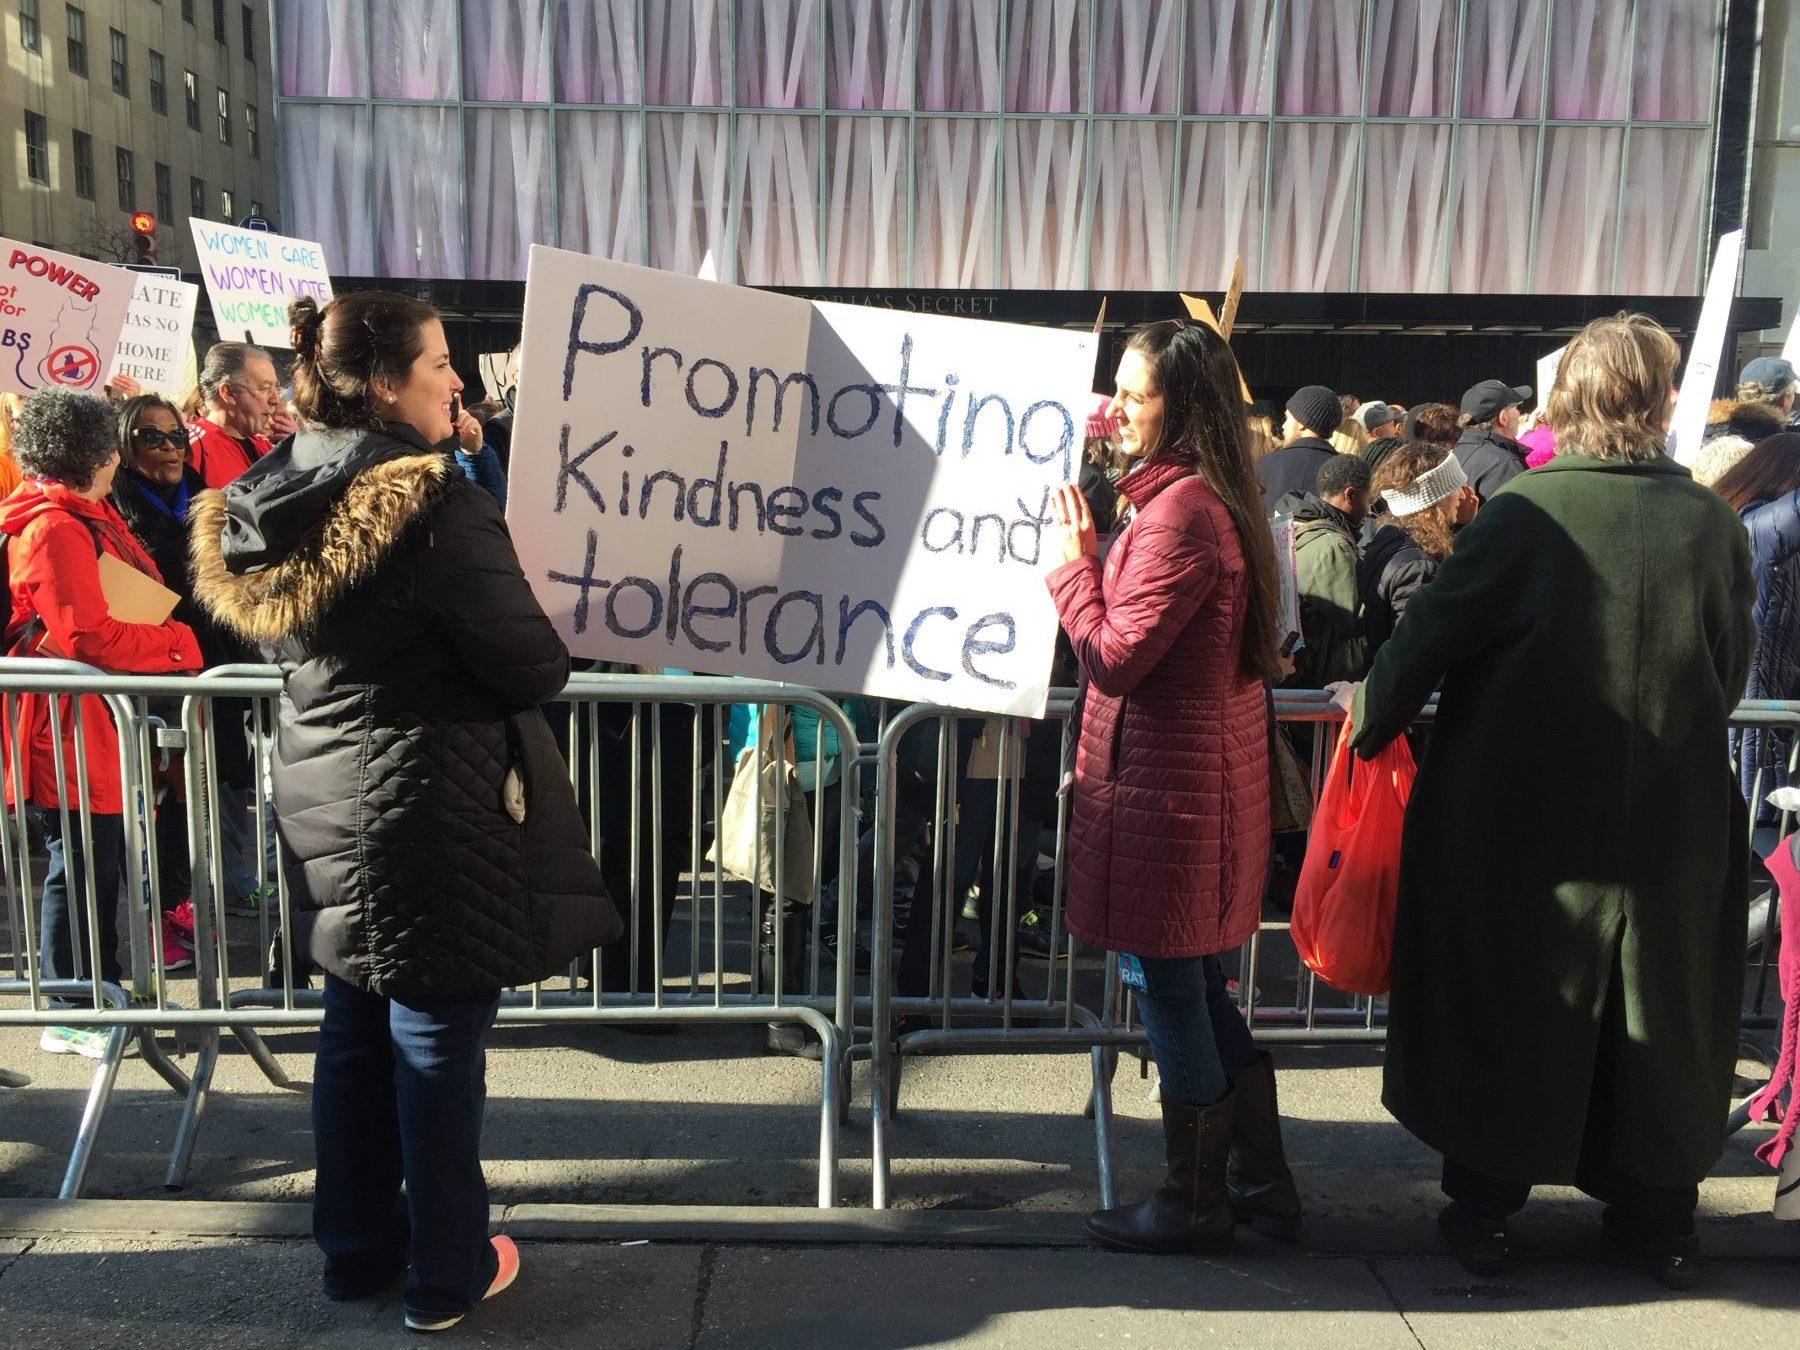 Campanha pela tolerância e gentileza em Nova Iorque. Foto de Troy Lambert/ Citizenside/ AFP